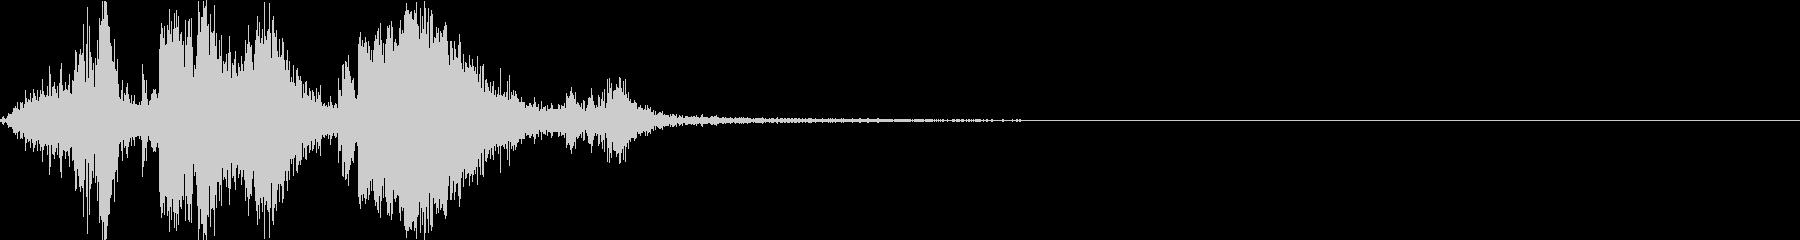 銃弾をロードする際の音の未再生の波形